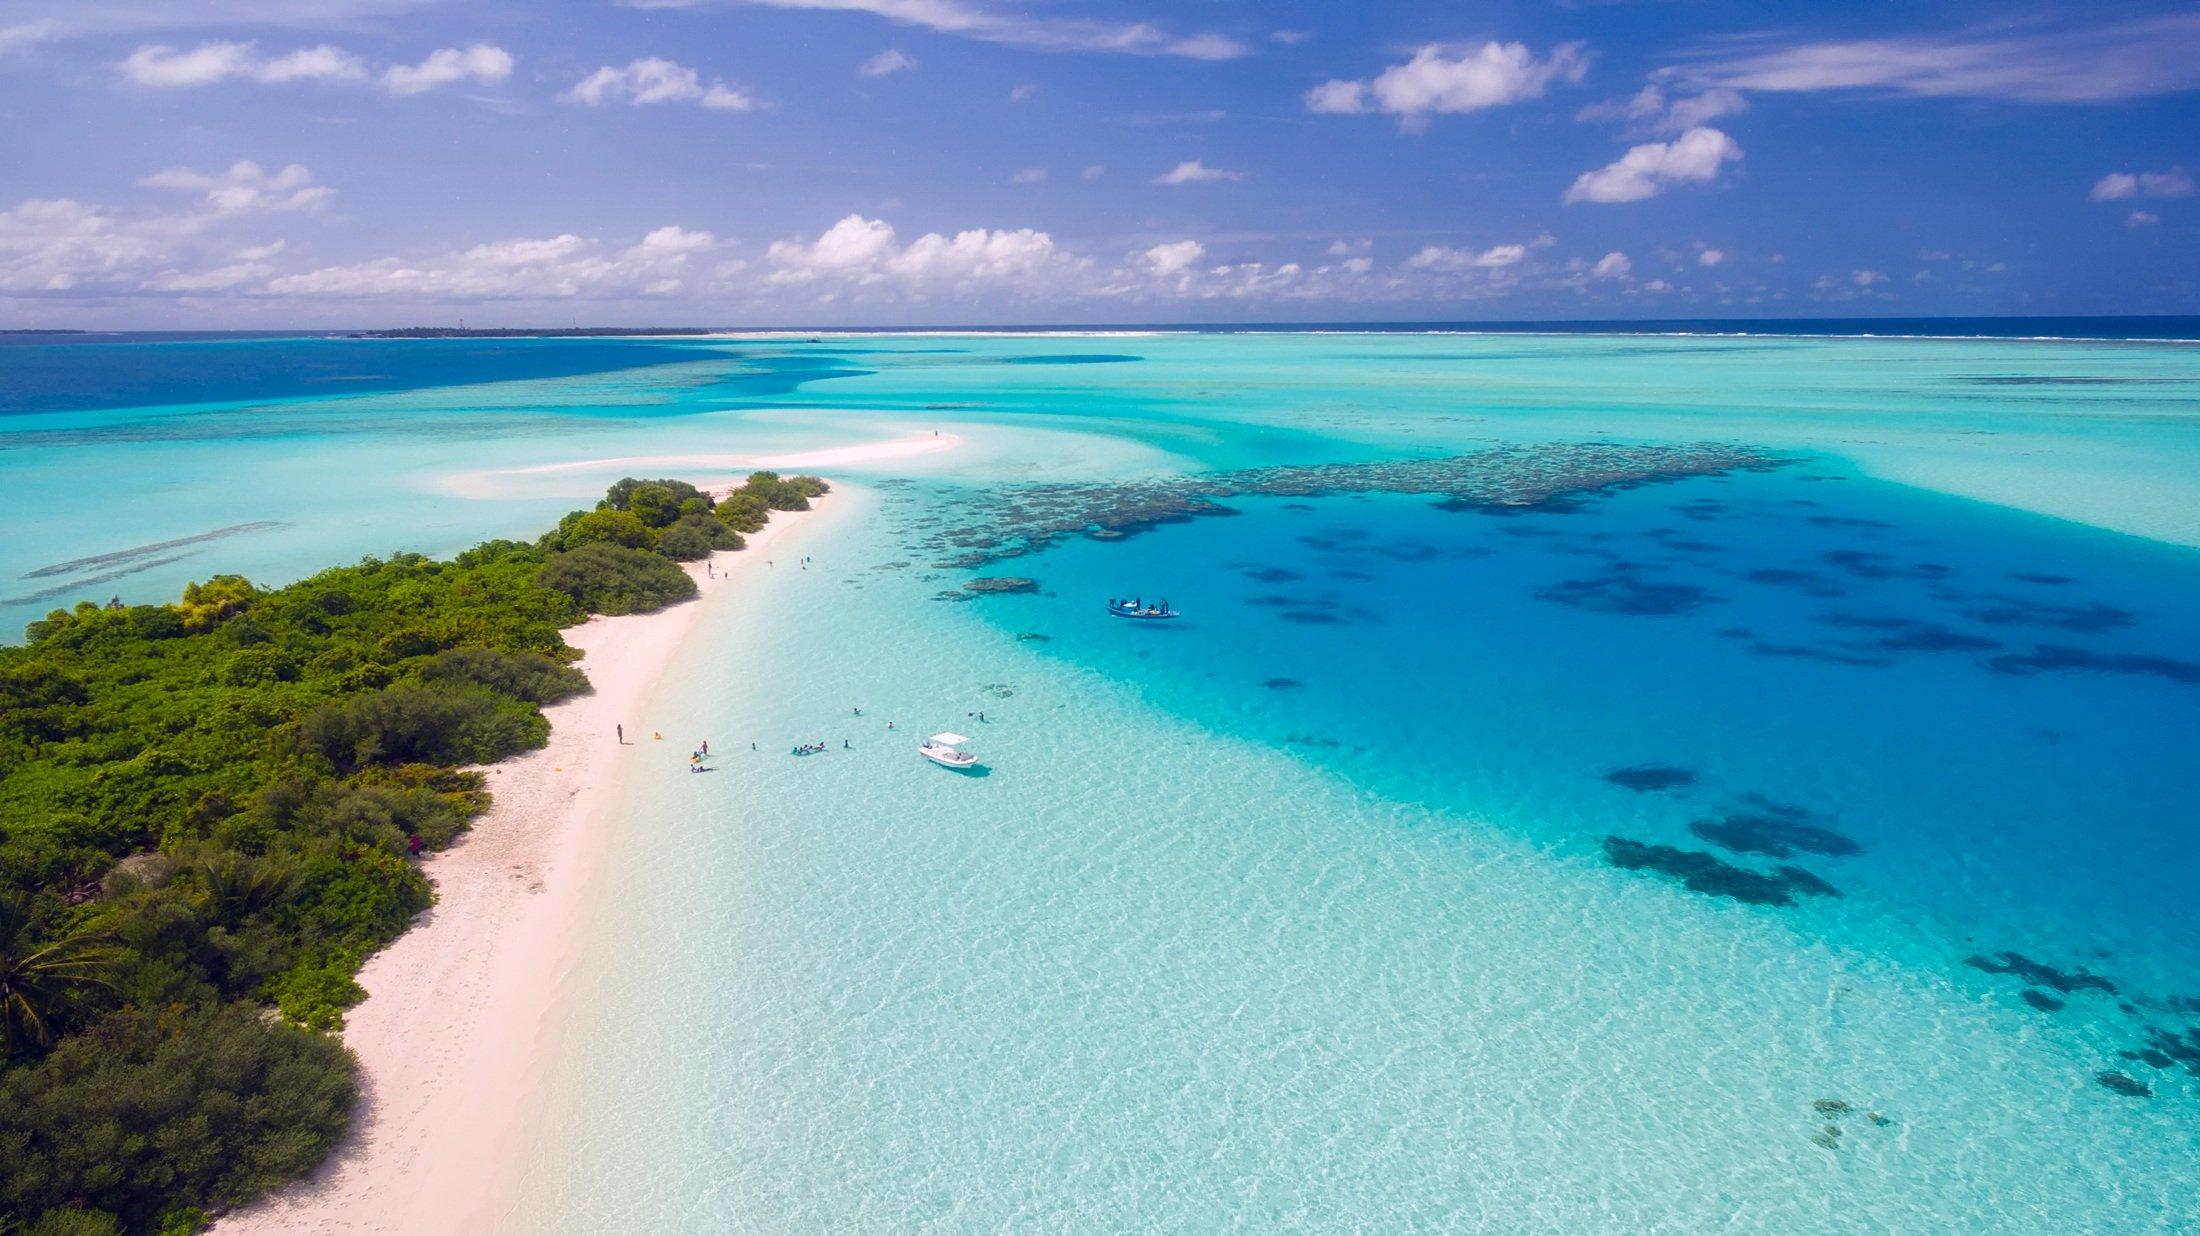 A Maldív-szigeteknél az egyik lesúlyosabb a mikroműanyag-szennyezettség a világon